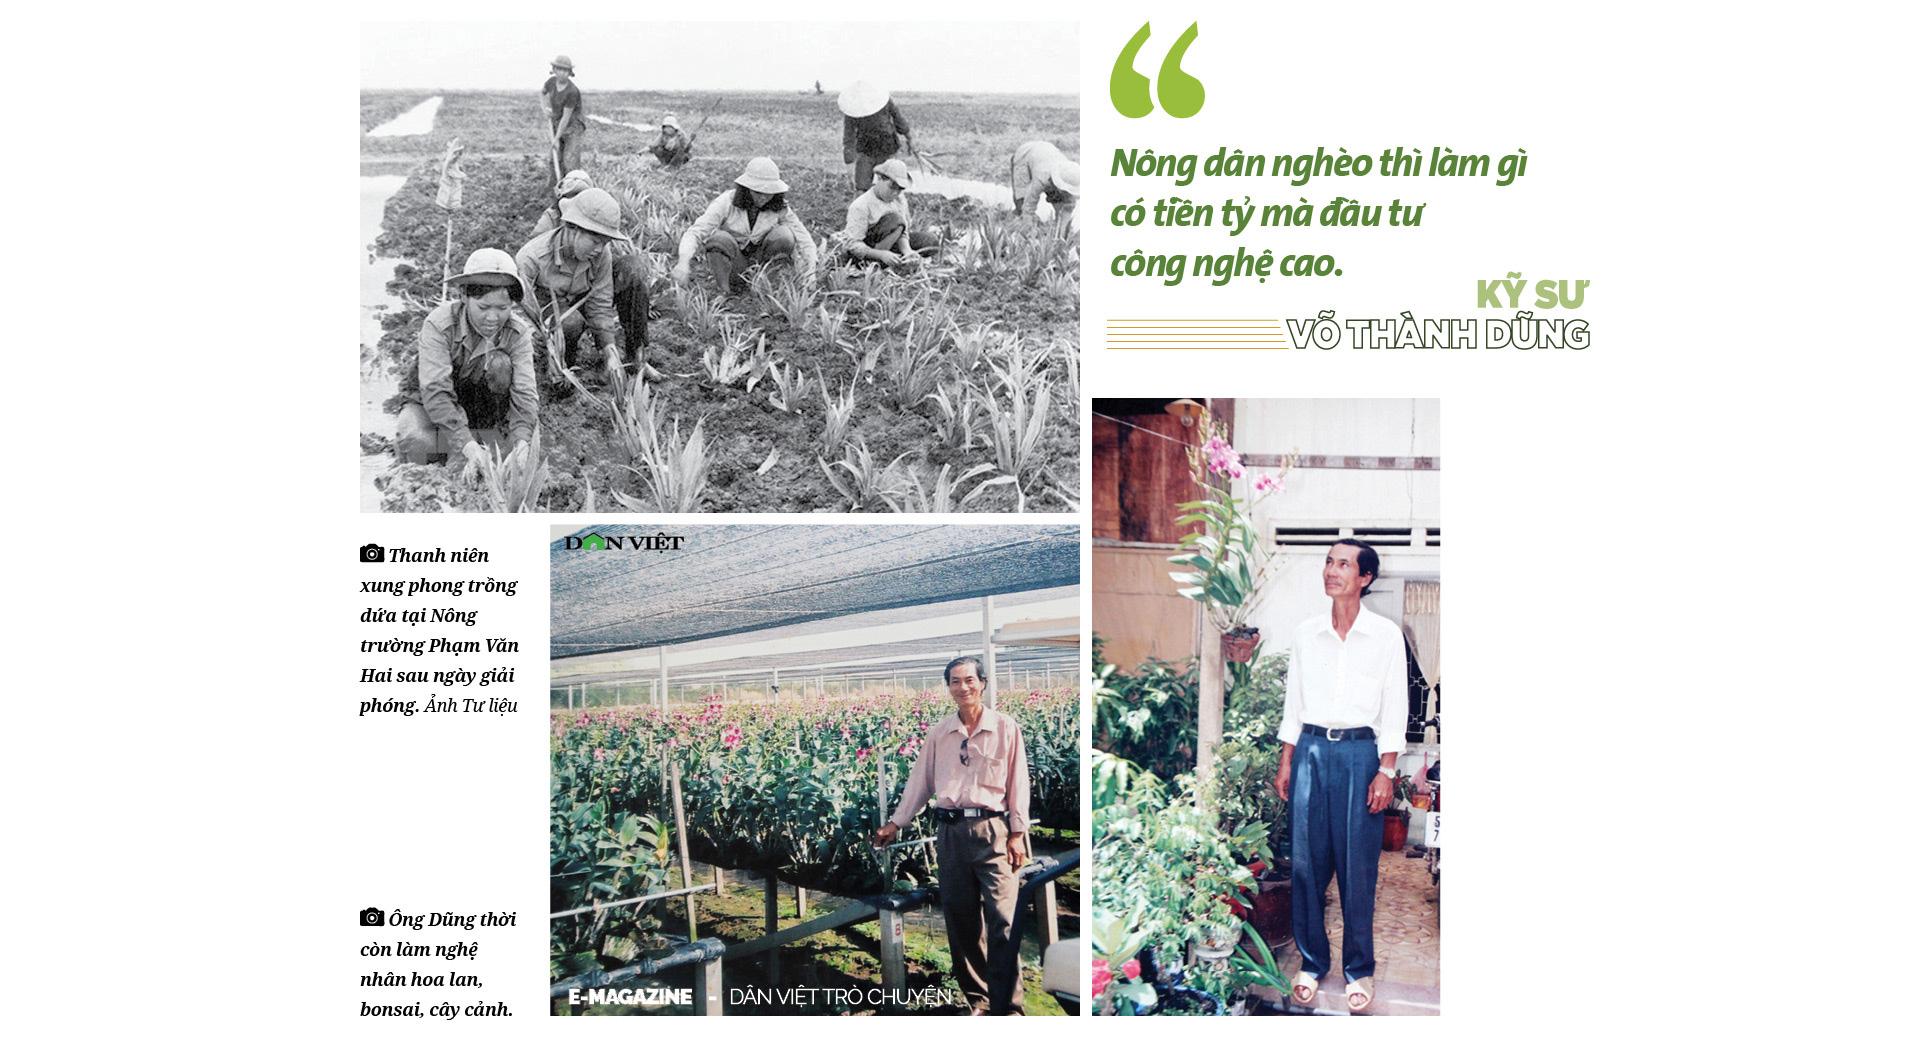 Kỹ sư Võ Thành Dũng: 10 năm đi tìm giấc mơ hữu cơ giá rẻ cho dân nghèo - Ảnh 5.